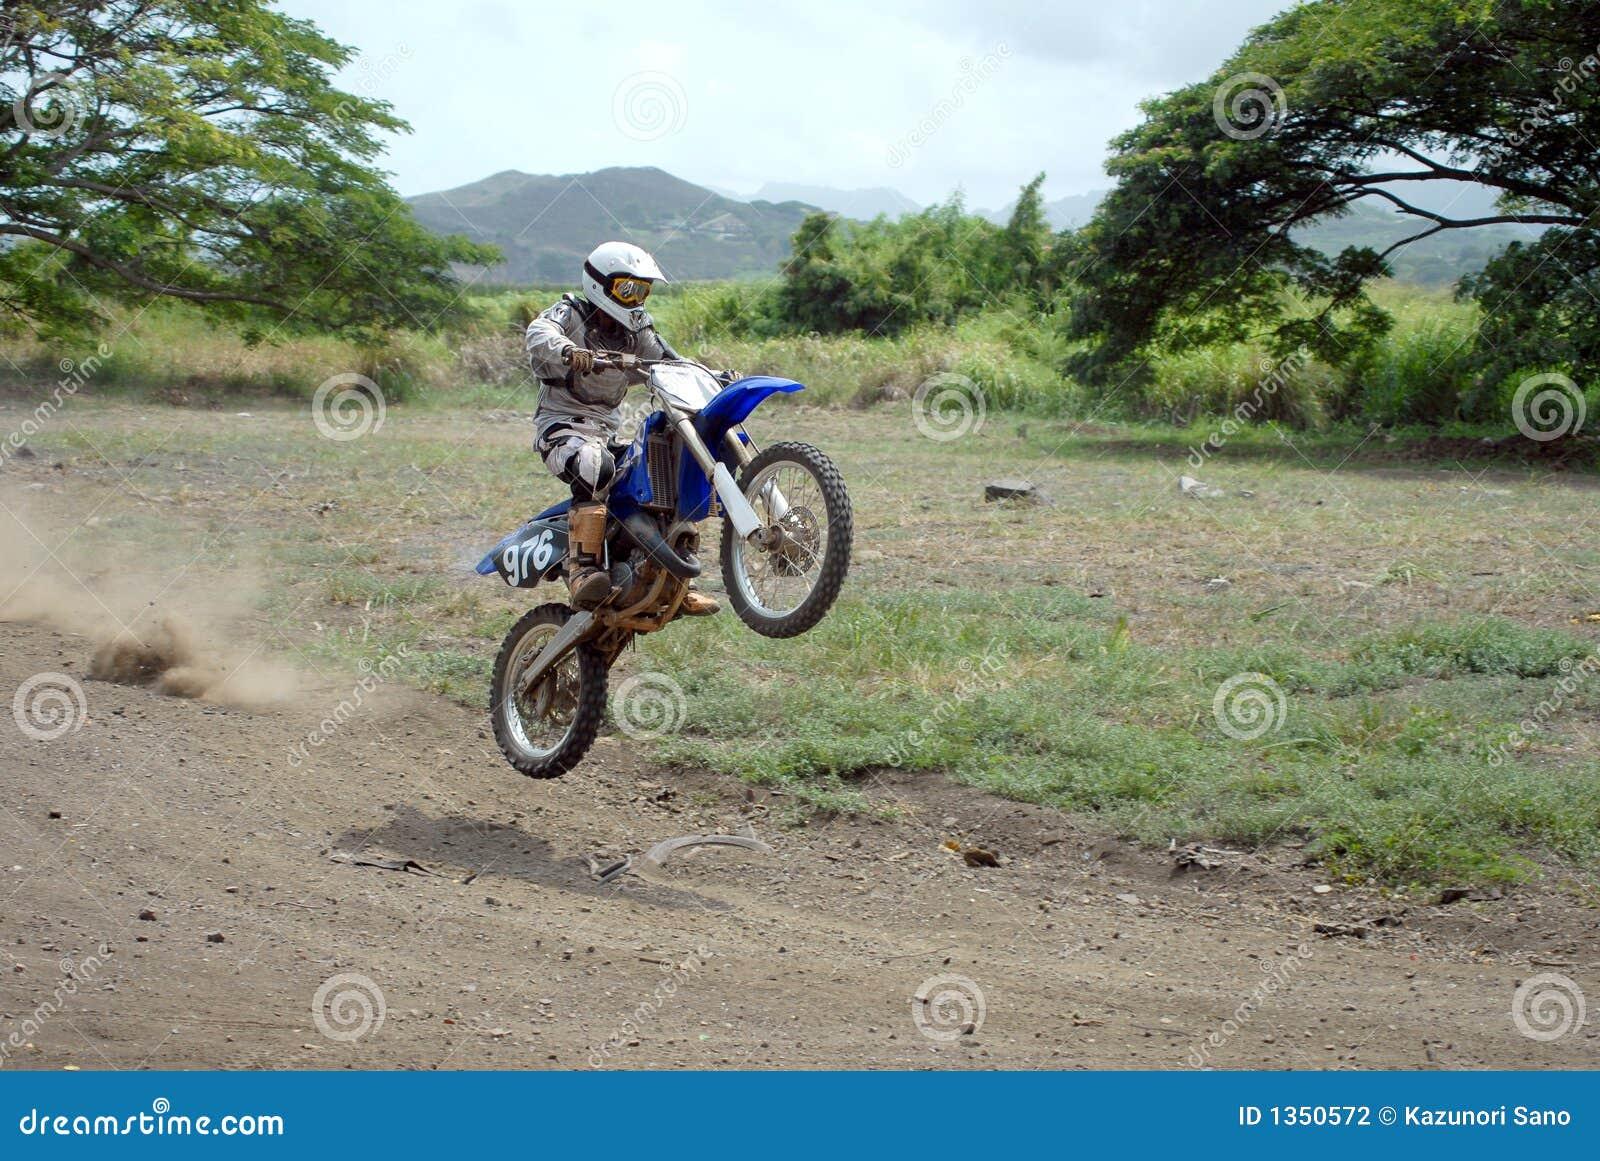 грязь bike